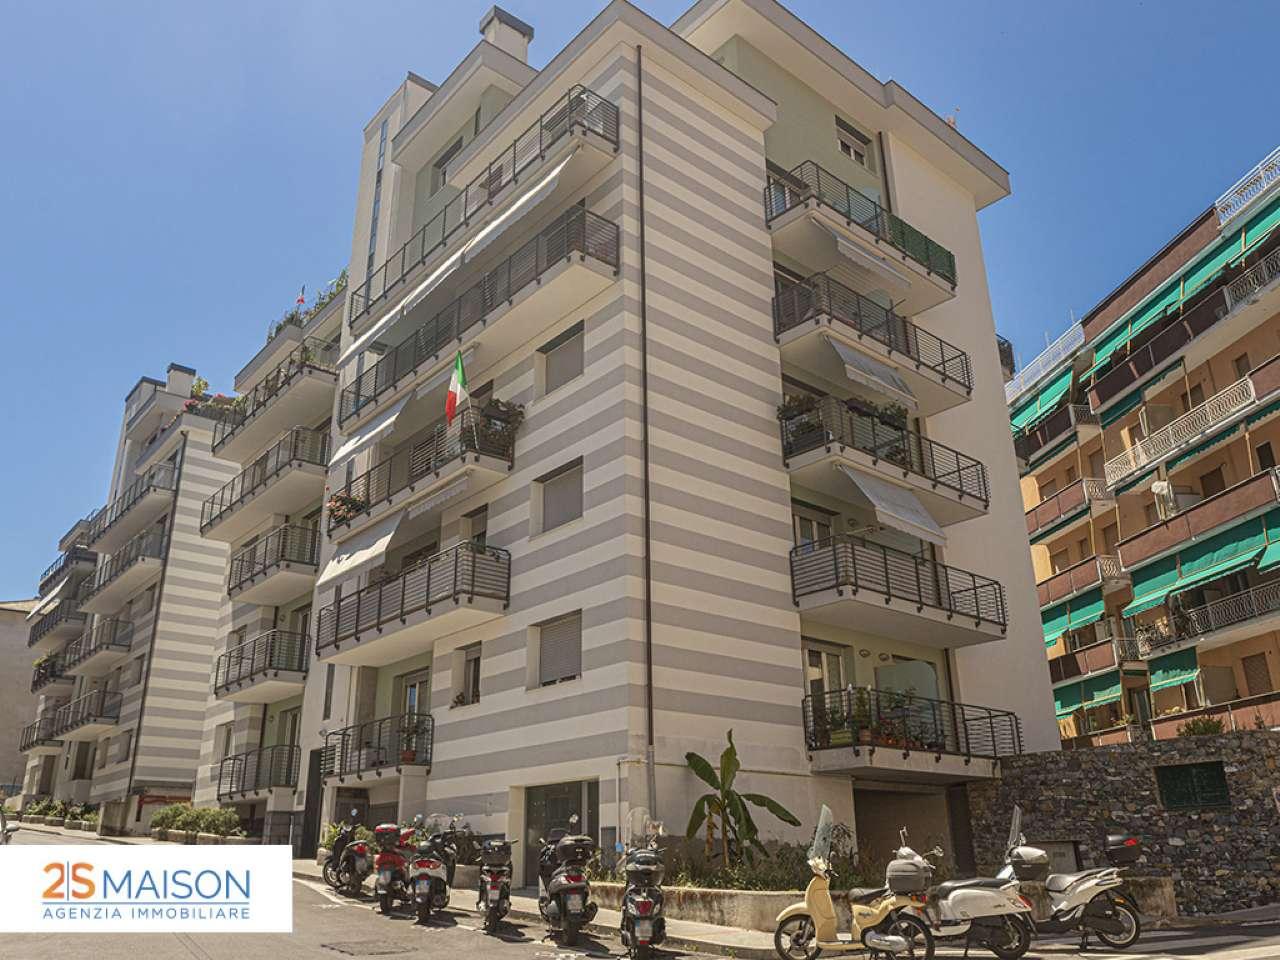 Appartamento in vendita a Santa Margherita Ligure, 4 locali, prezzo € 335.000 | PortaleAgenzieImmobiliari.it